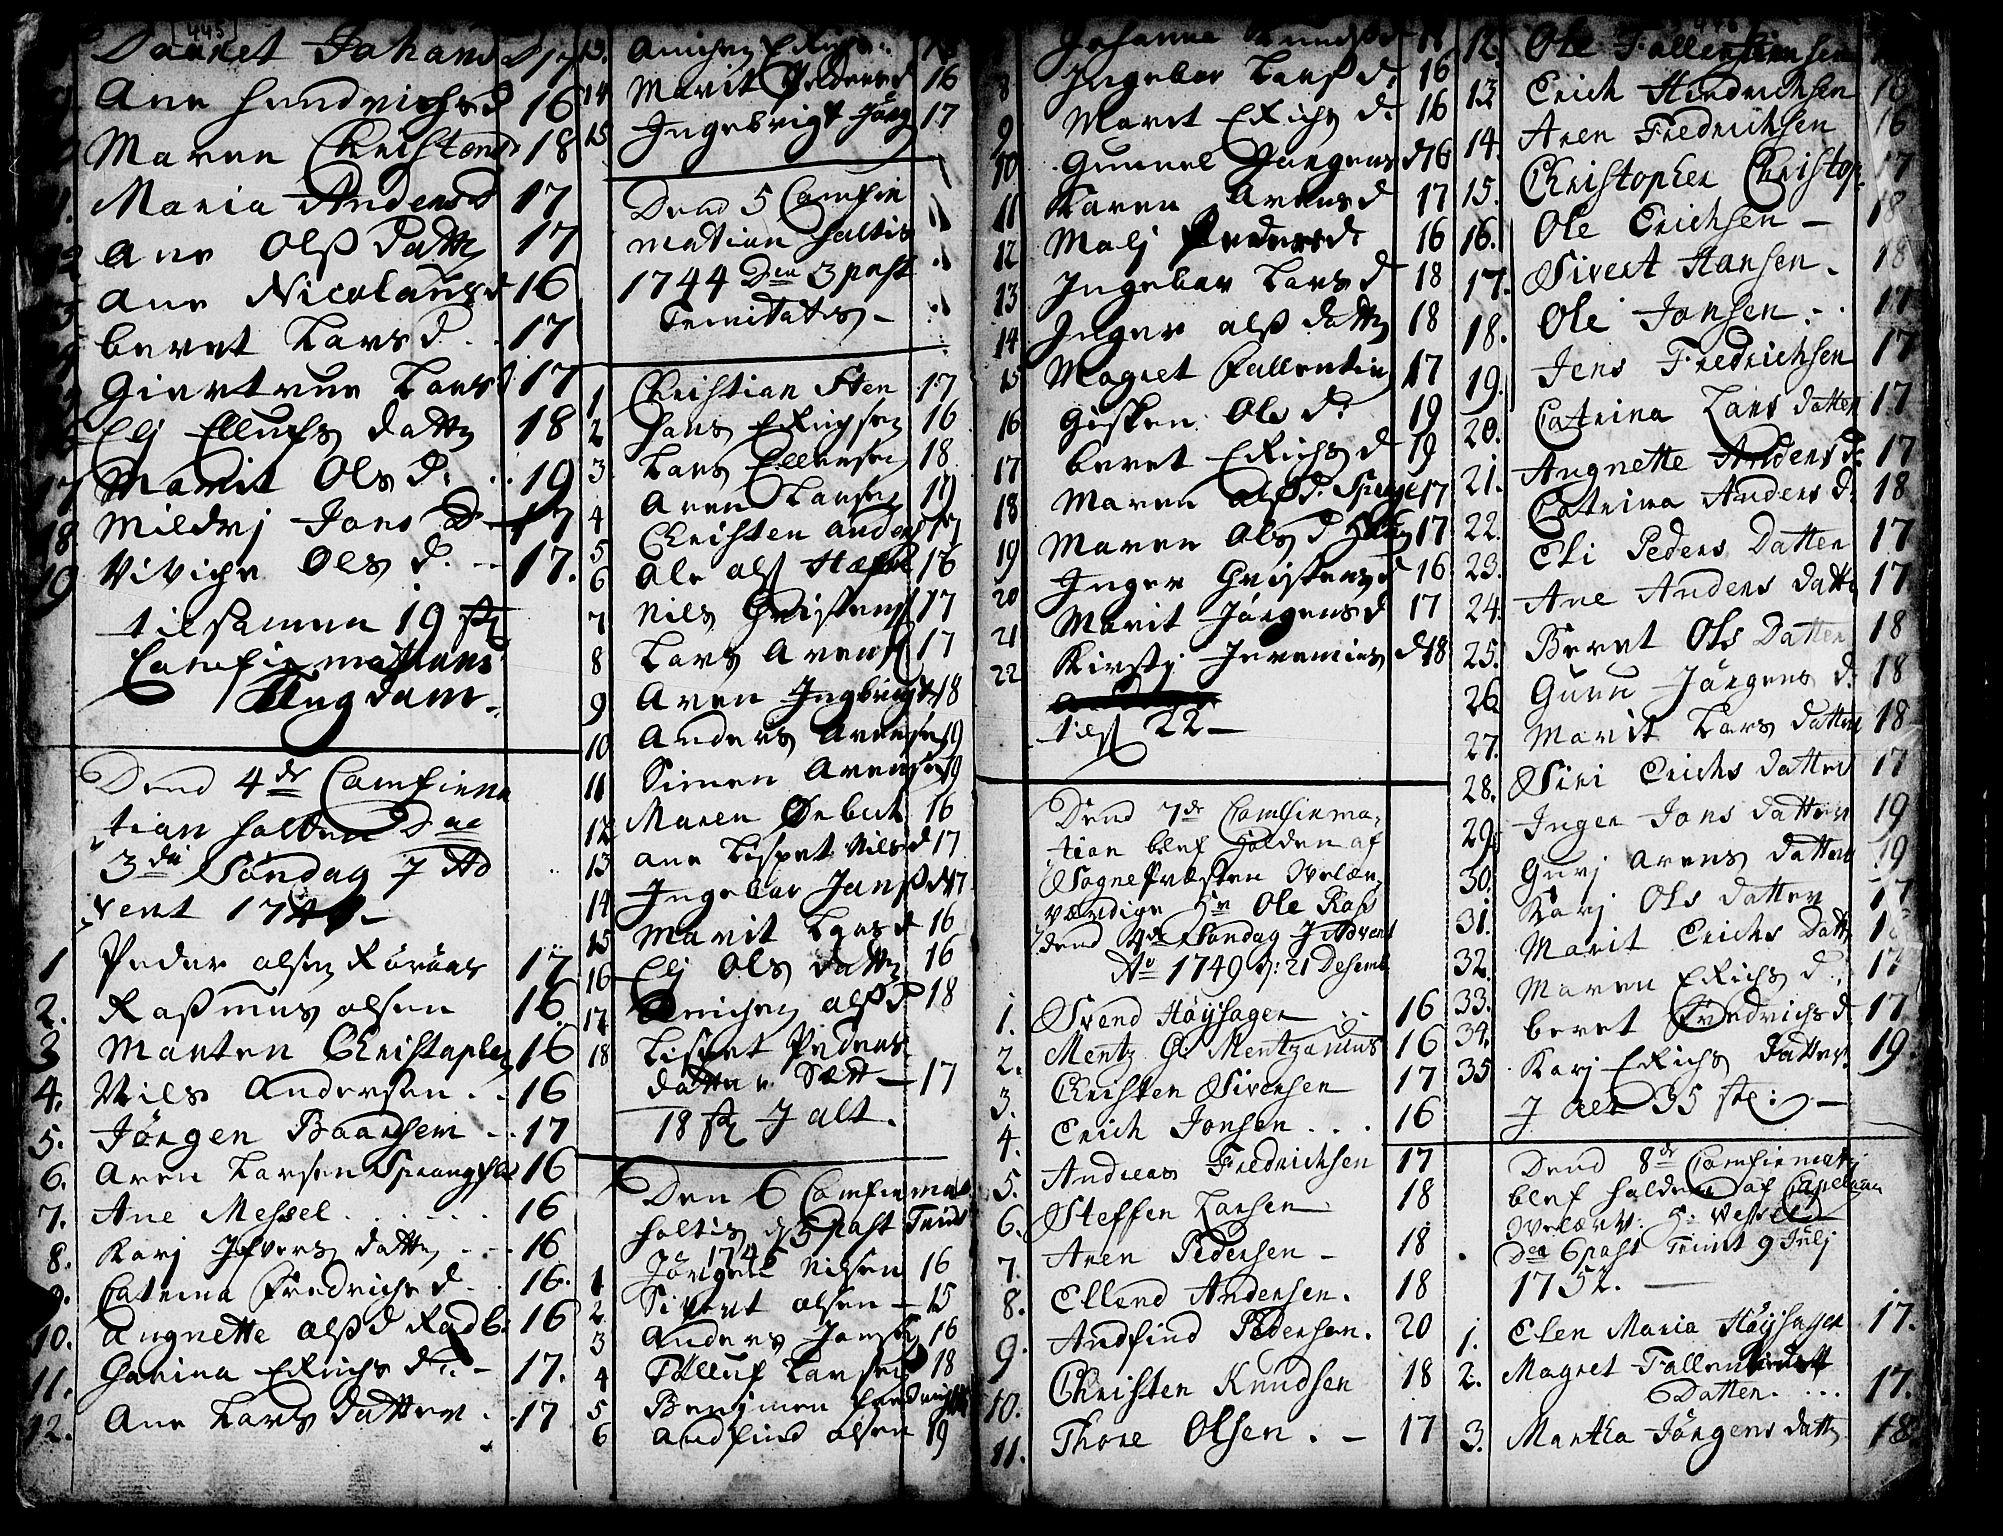 SAT, Ministerialprotokoller, klokkerbøker og fødselsregistre - Sør-Trøndelag, 671/L0839: Ministerialbok nr. 671A01, 1730-1755, s. 445-446